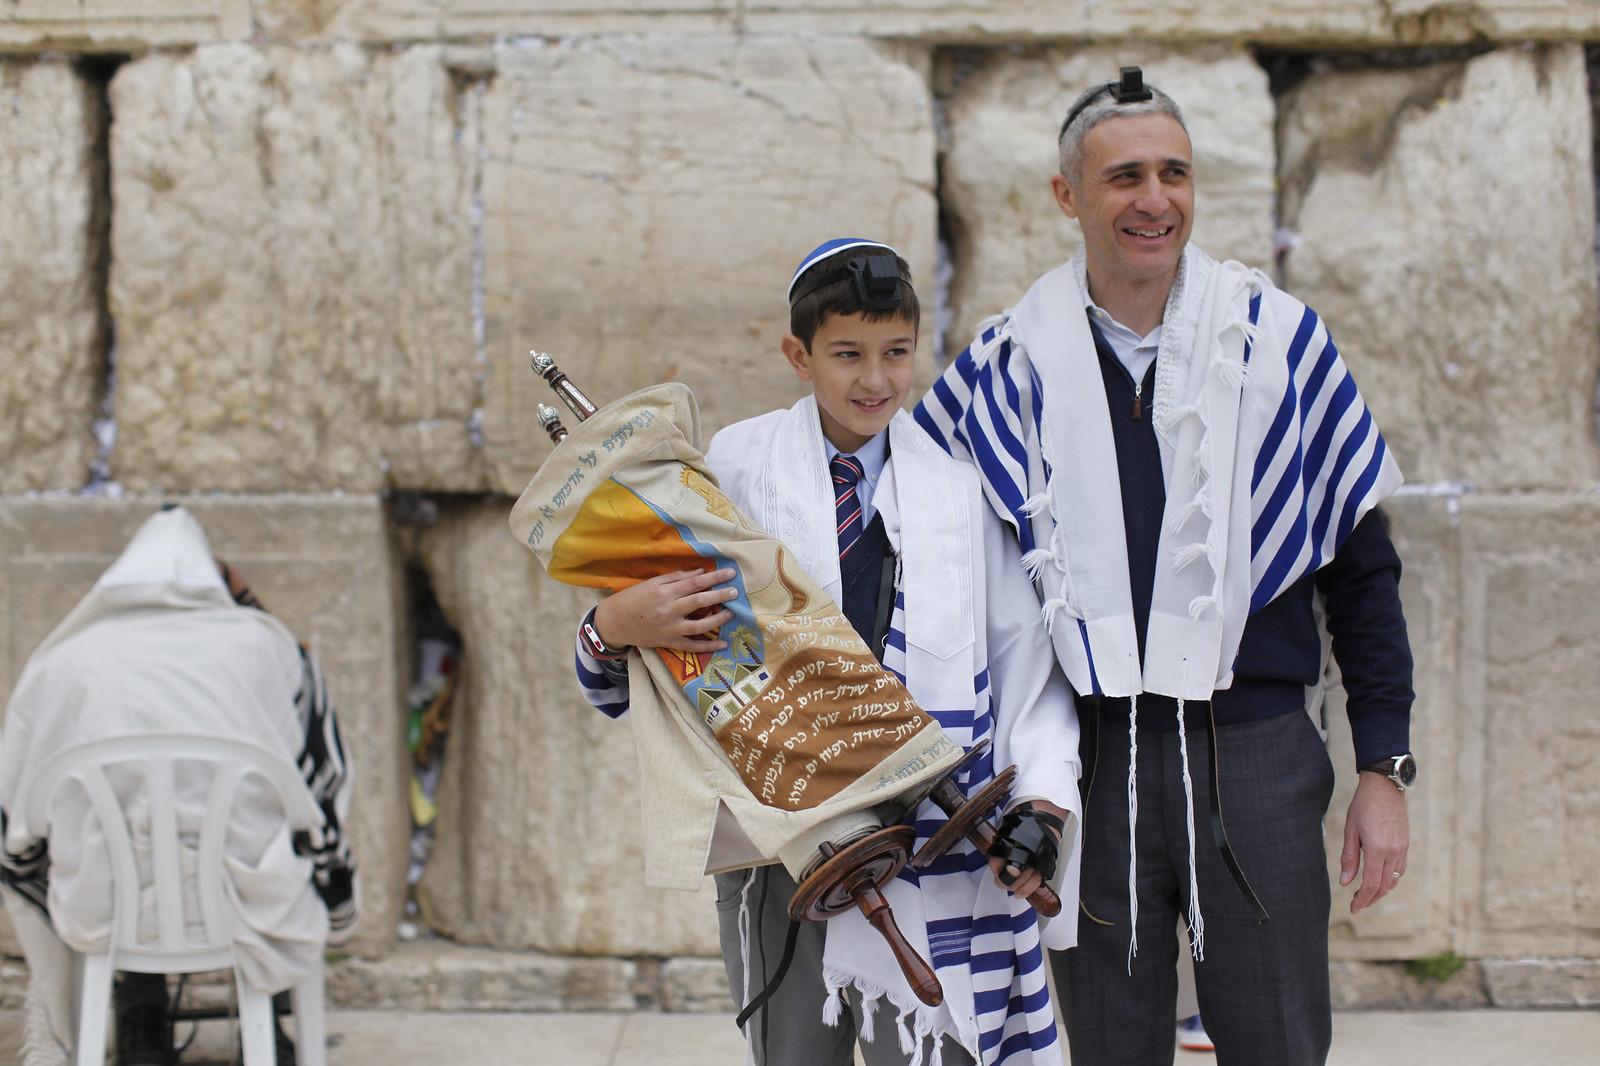 Bar Mitzvah_17_Jerusalem_9743_Yonatan Sindel_Flash 90_IMOT